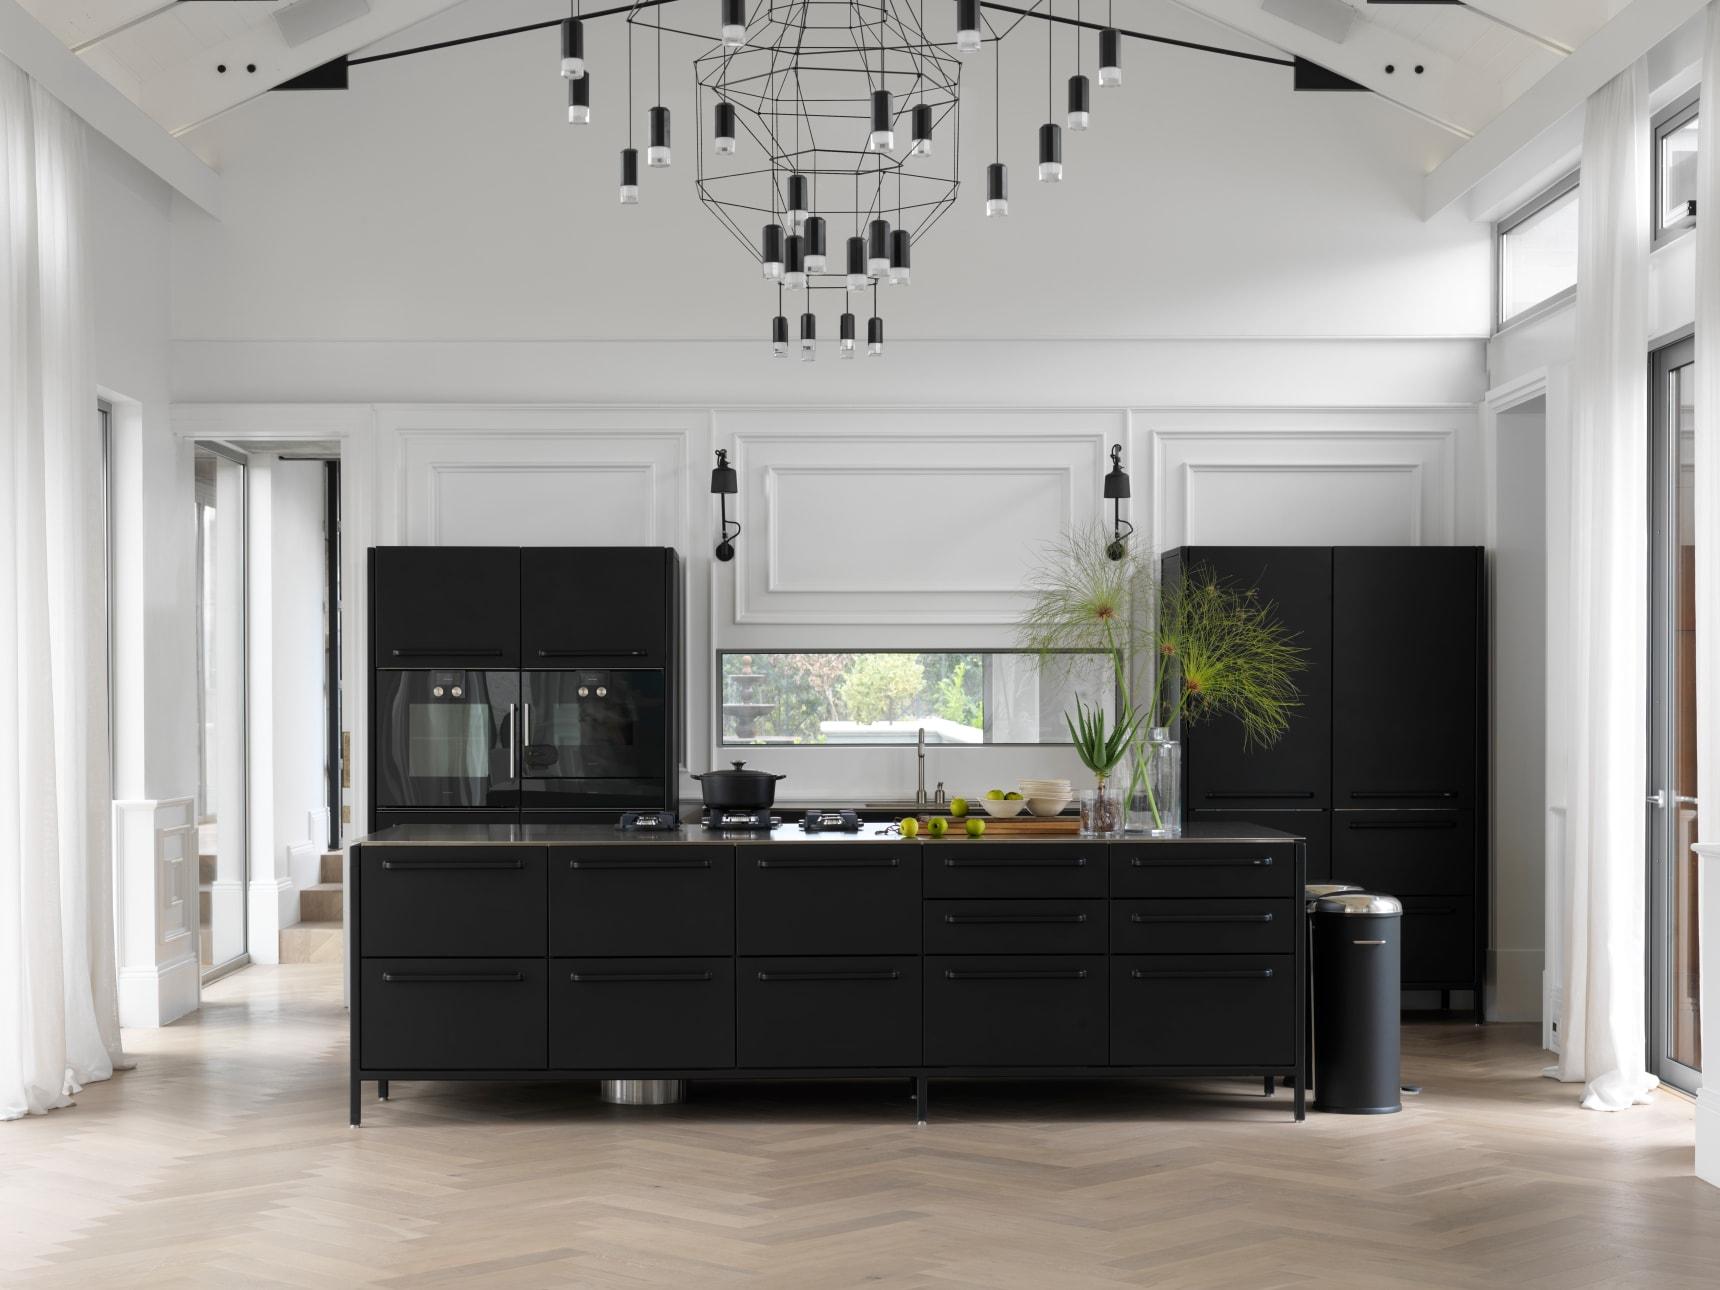 Küchen-Design Inspirationen: So könnte Deine nächste Küche aussehen 5